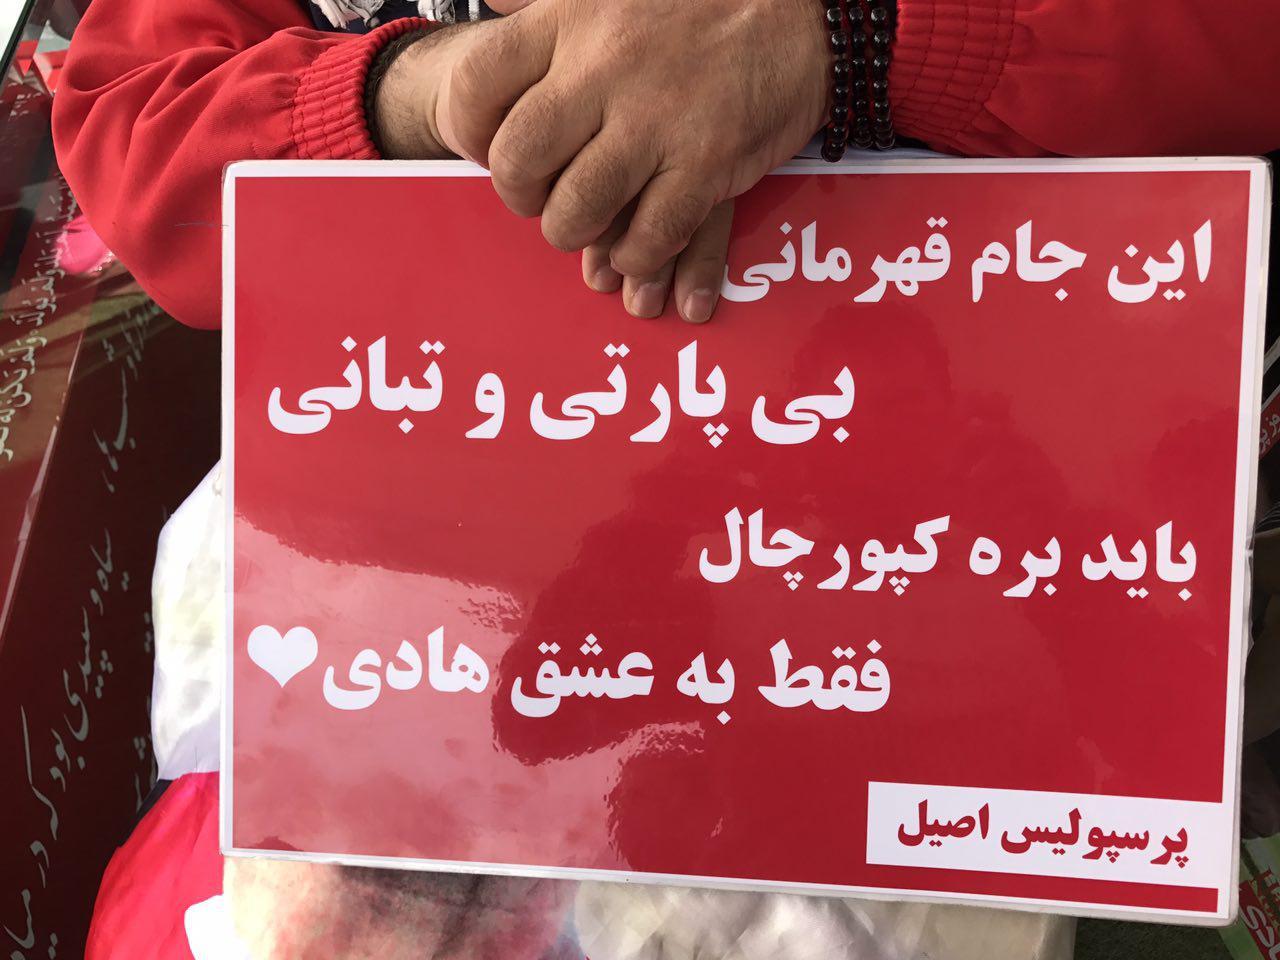 گزارش تصویری از حضور موسی سلامت هوادار پرسپولیس بر مزار هادی نوروزی و مهرداد اولادی